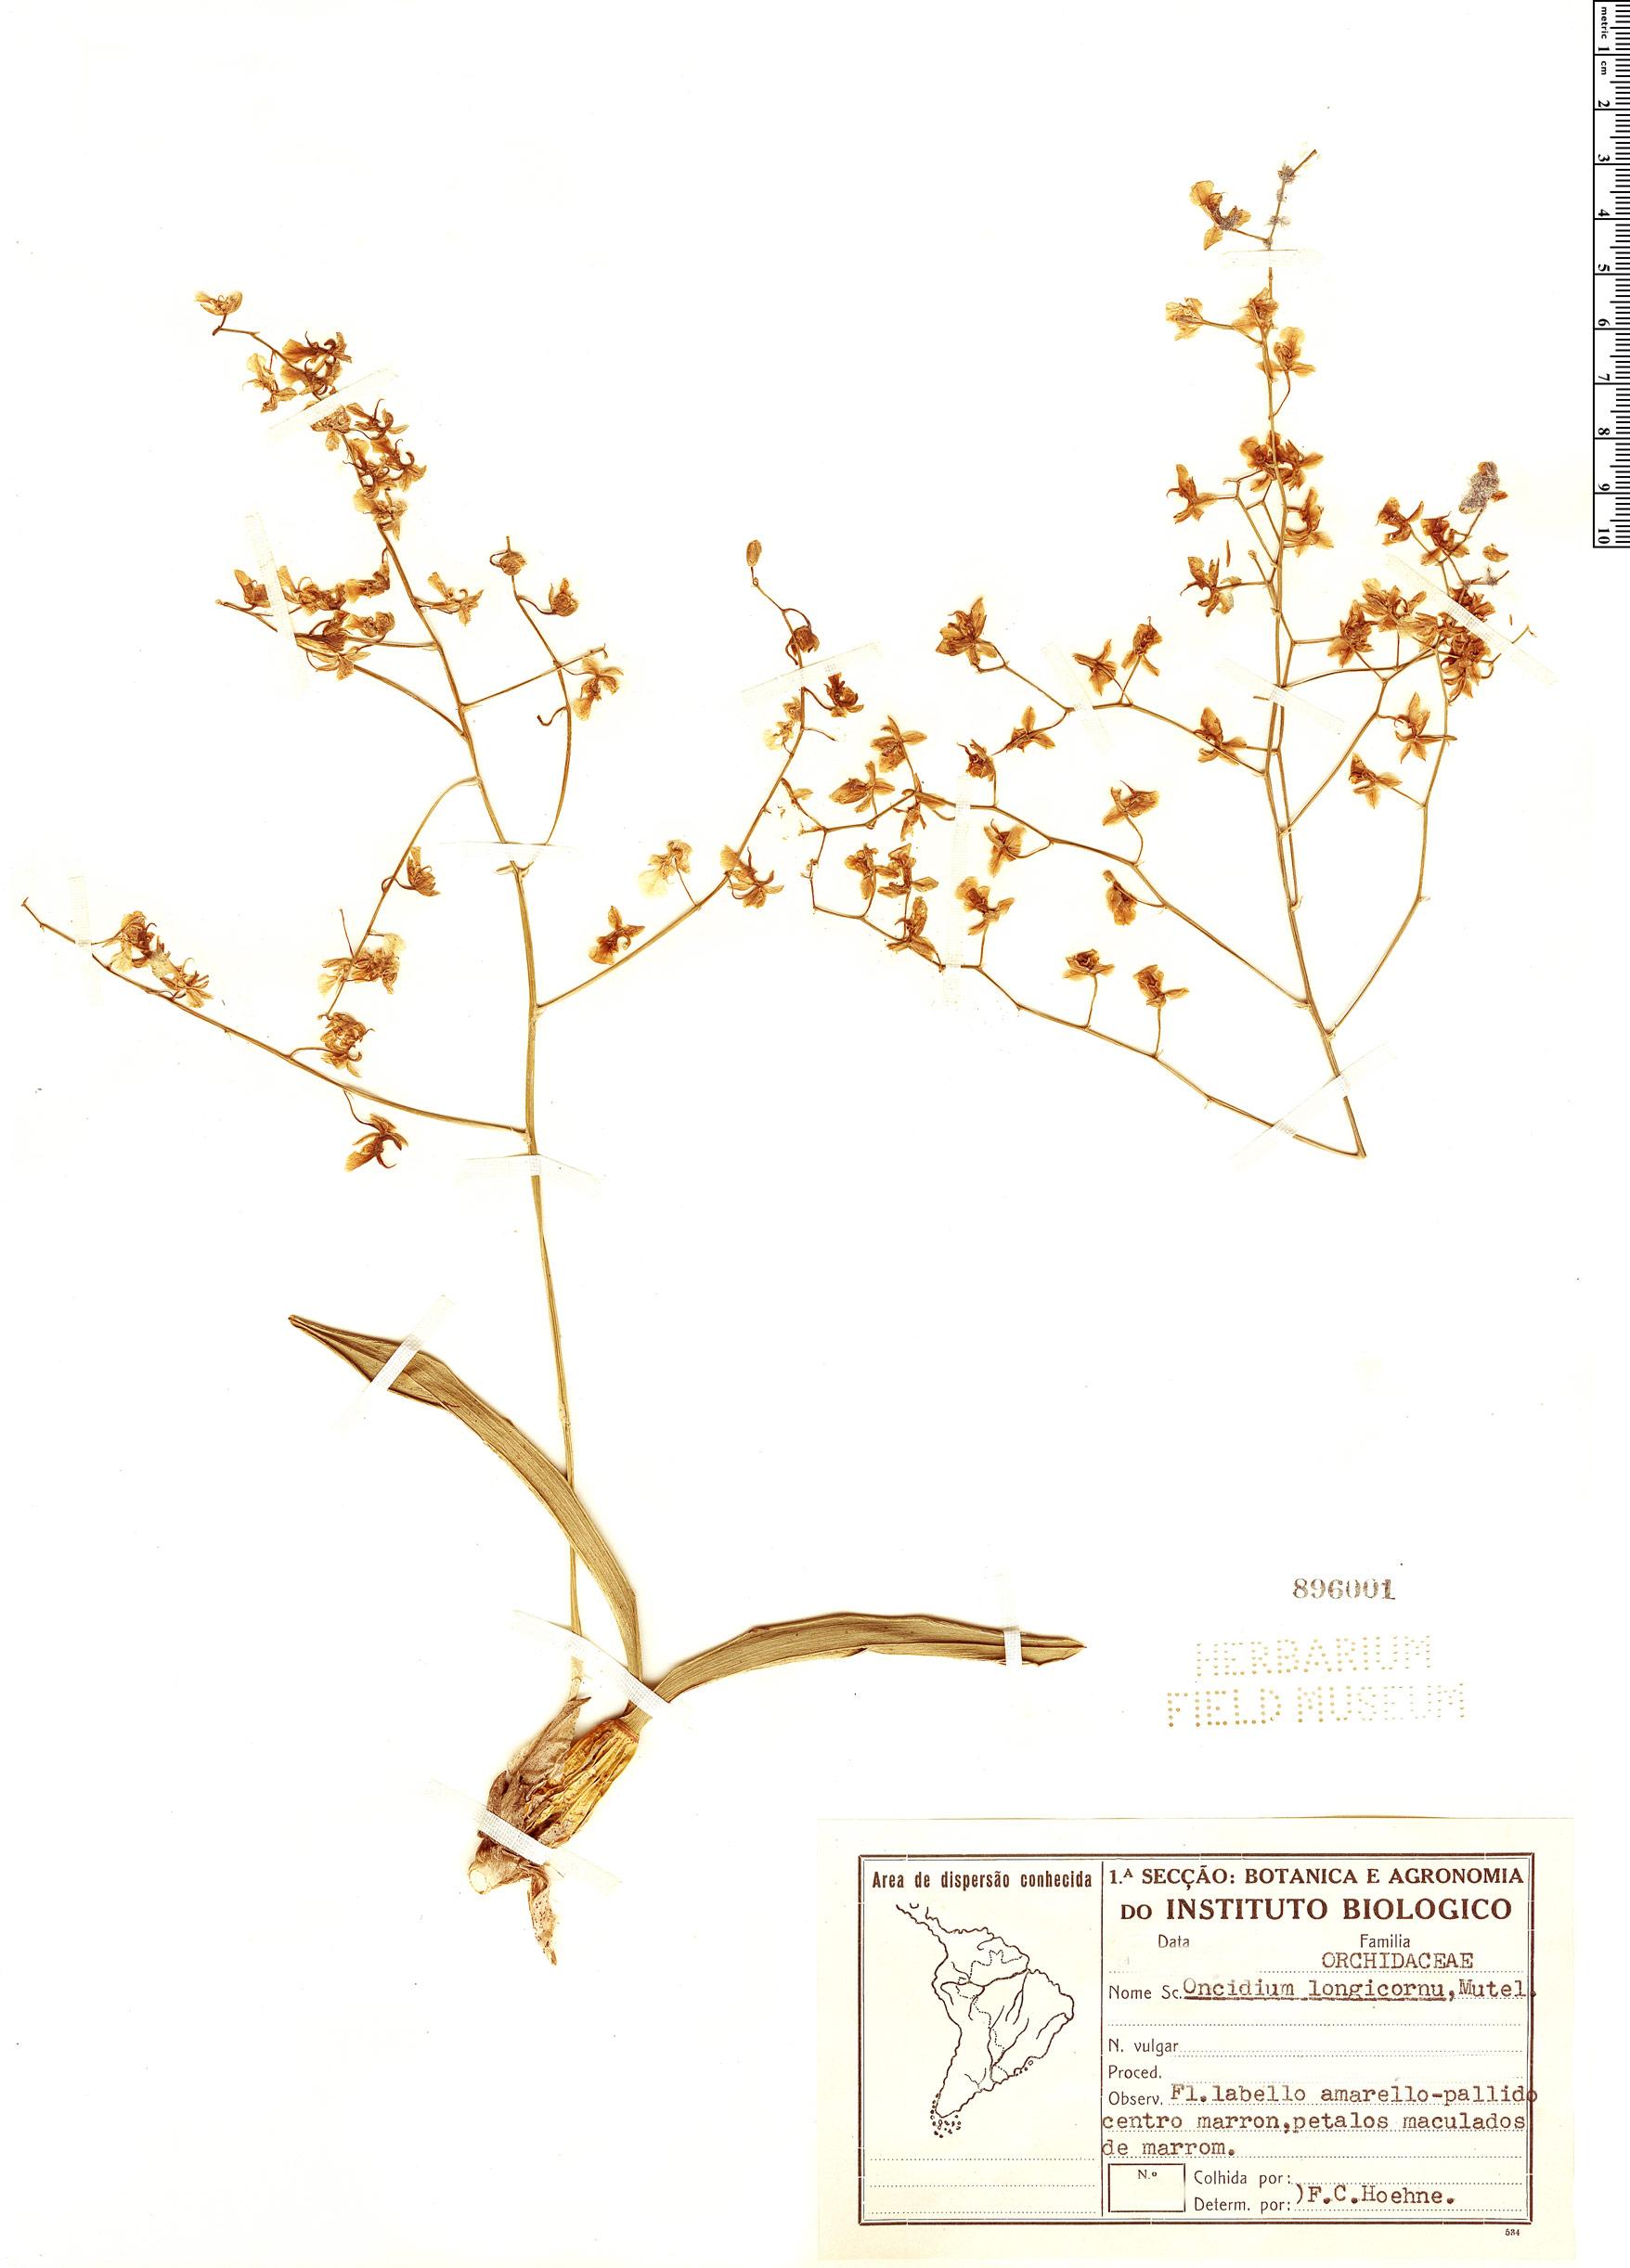 Specimen: Oncidium longicornu